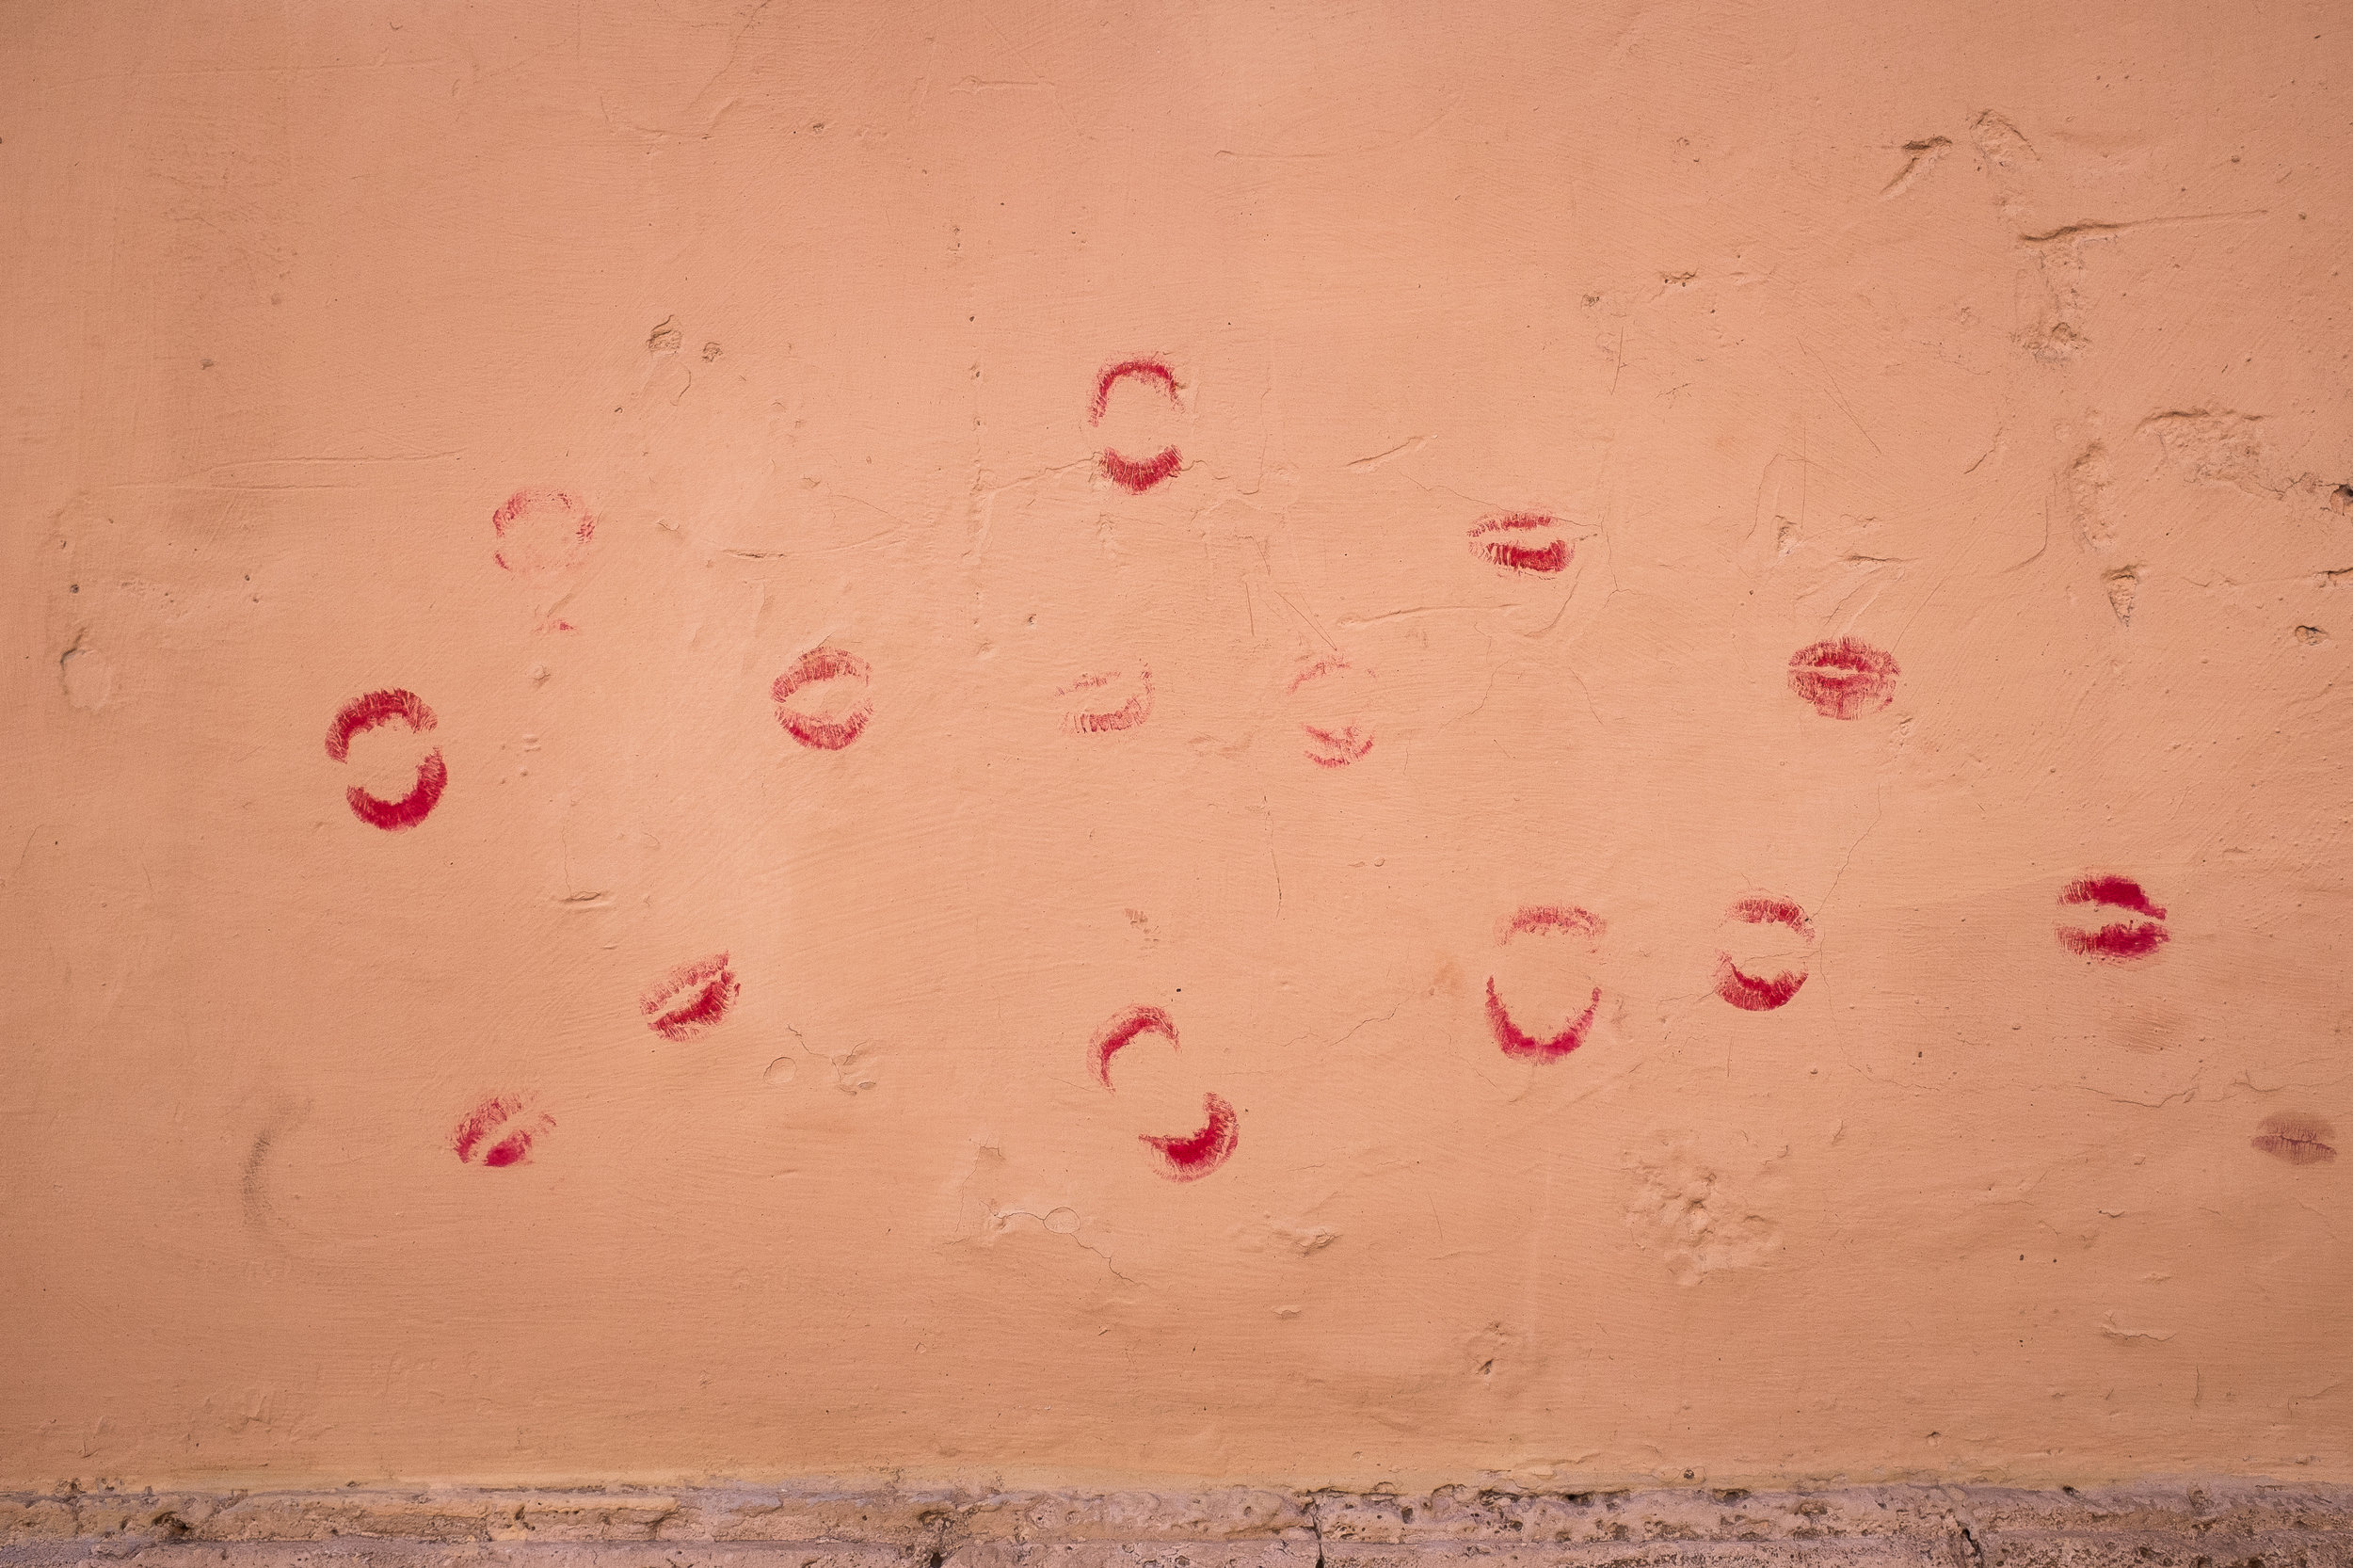 Trastevere, Rome. June, 2013